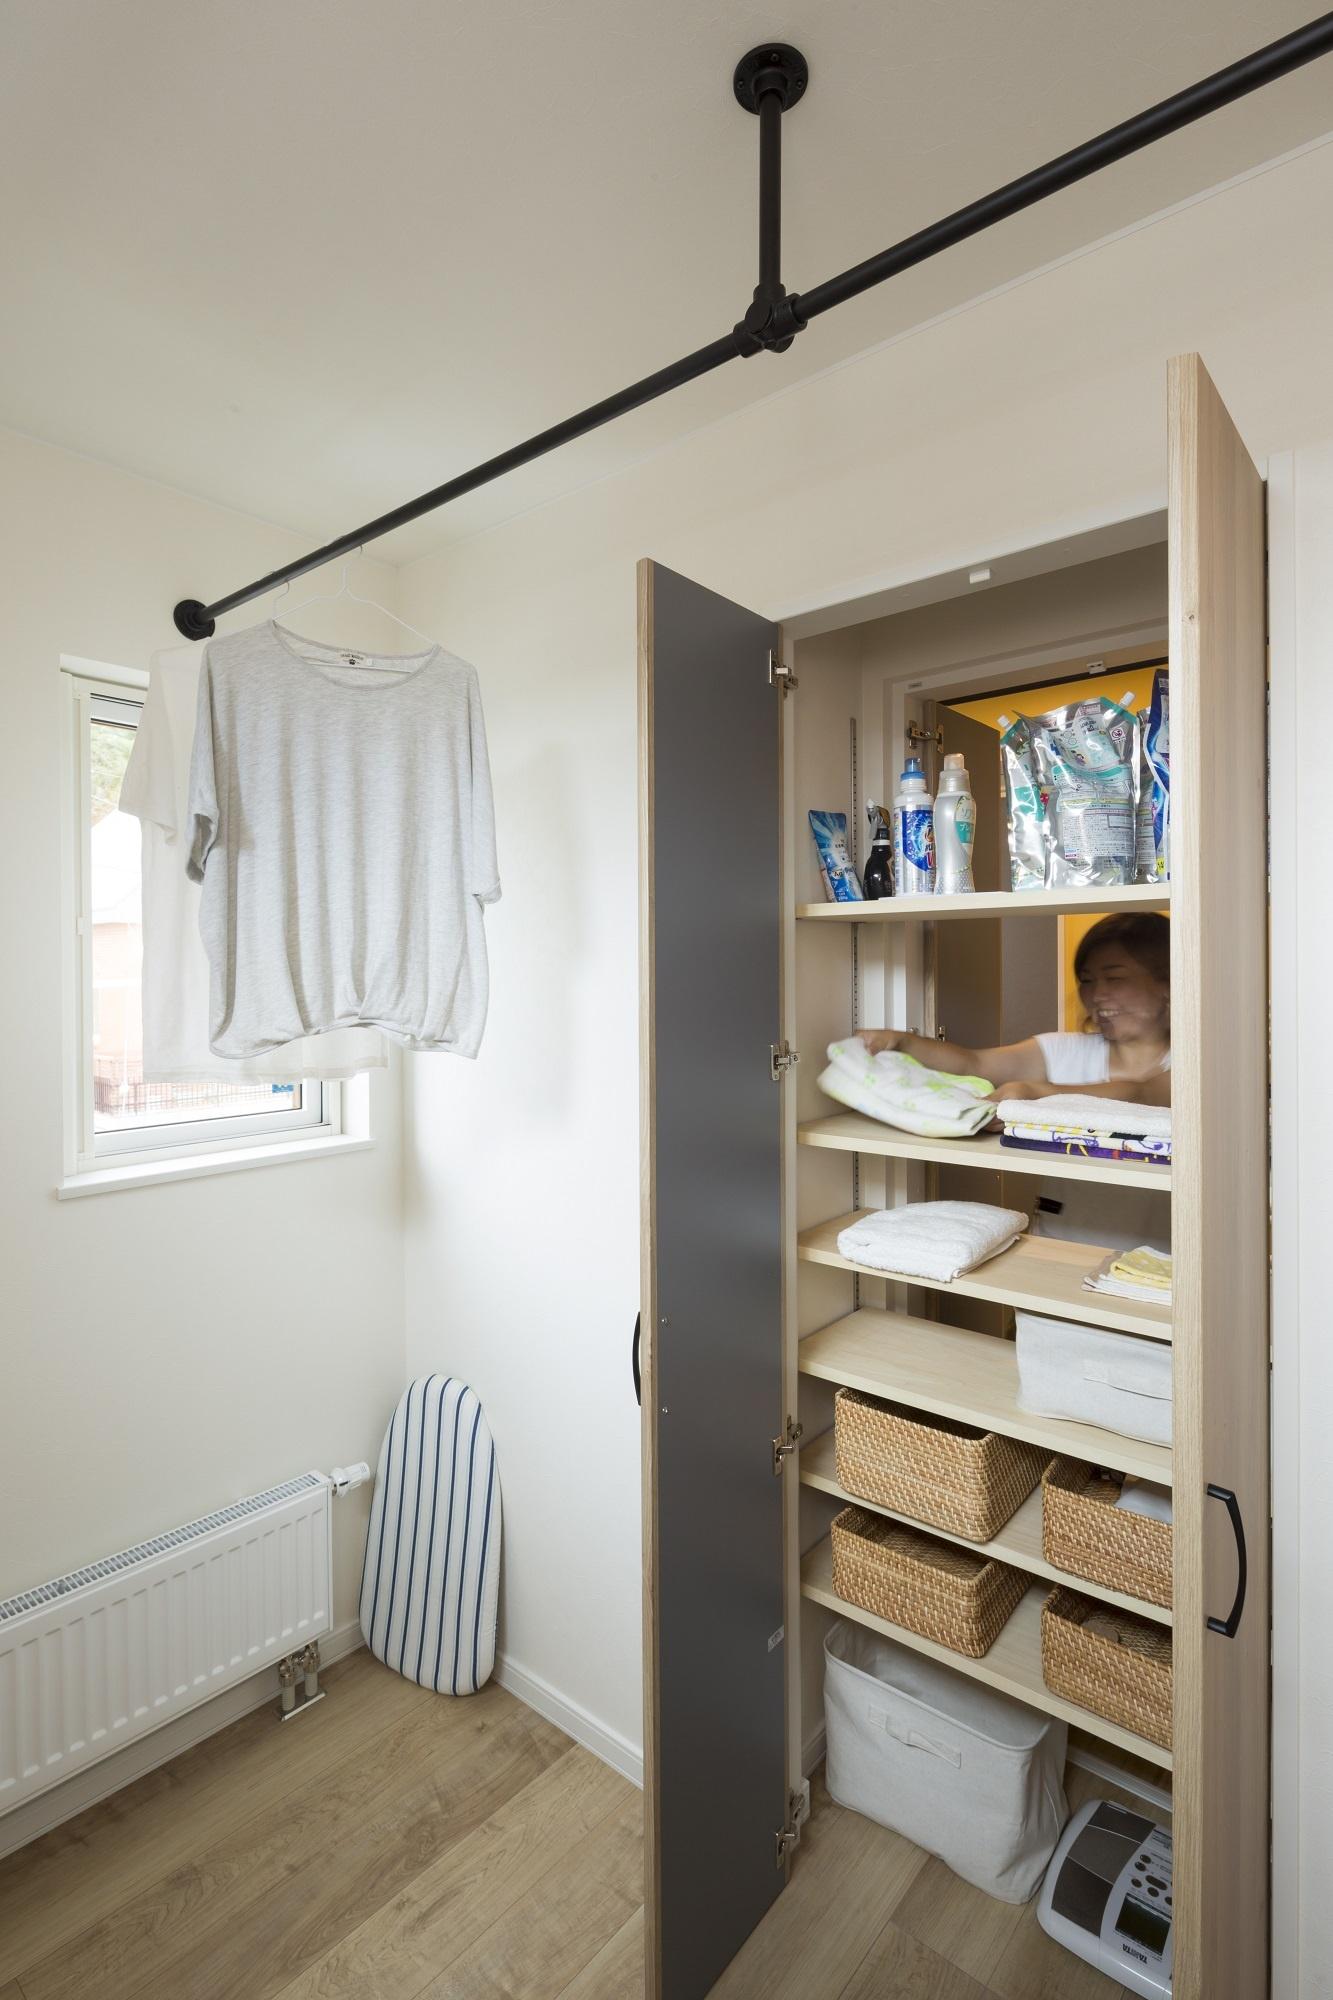 フリースペース(手前)と脱衣室の両面からモノが出し入れできる収納は、リビングワークの提案。「使いやすくてオススメです」とNさん